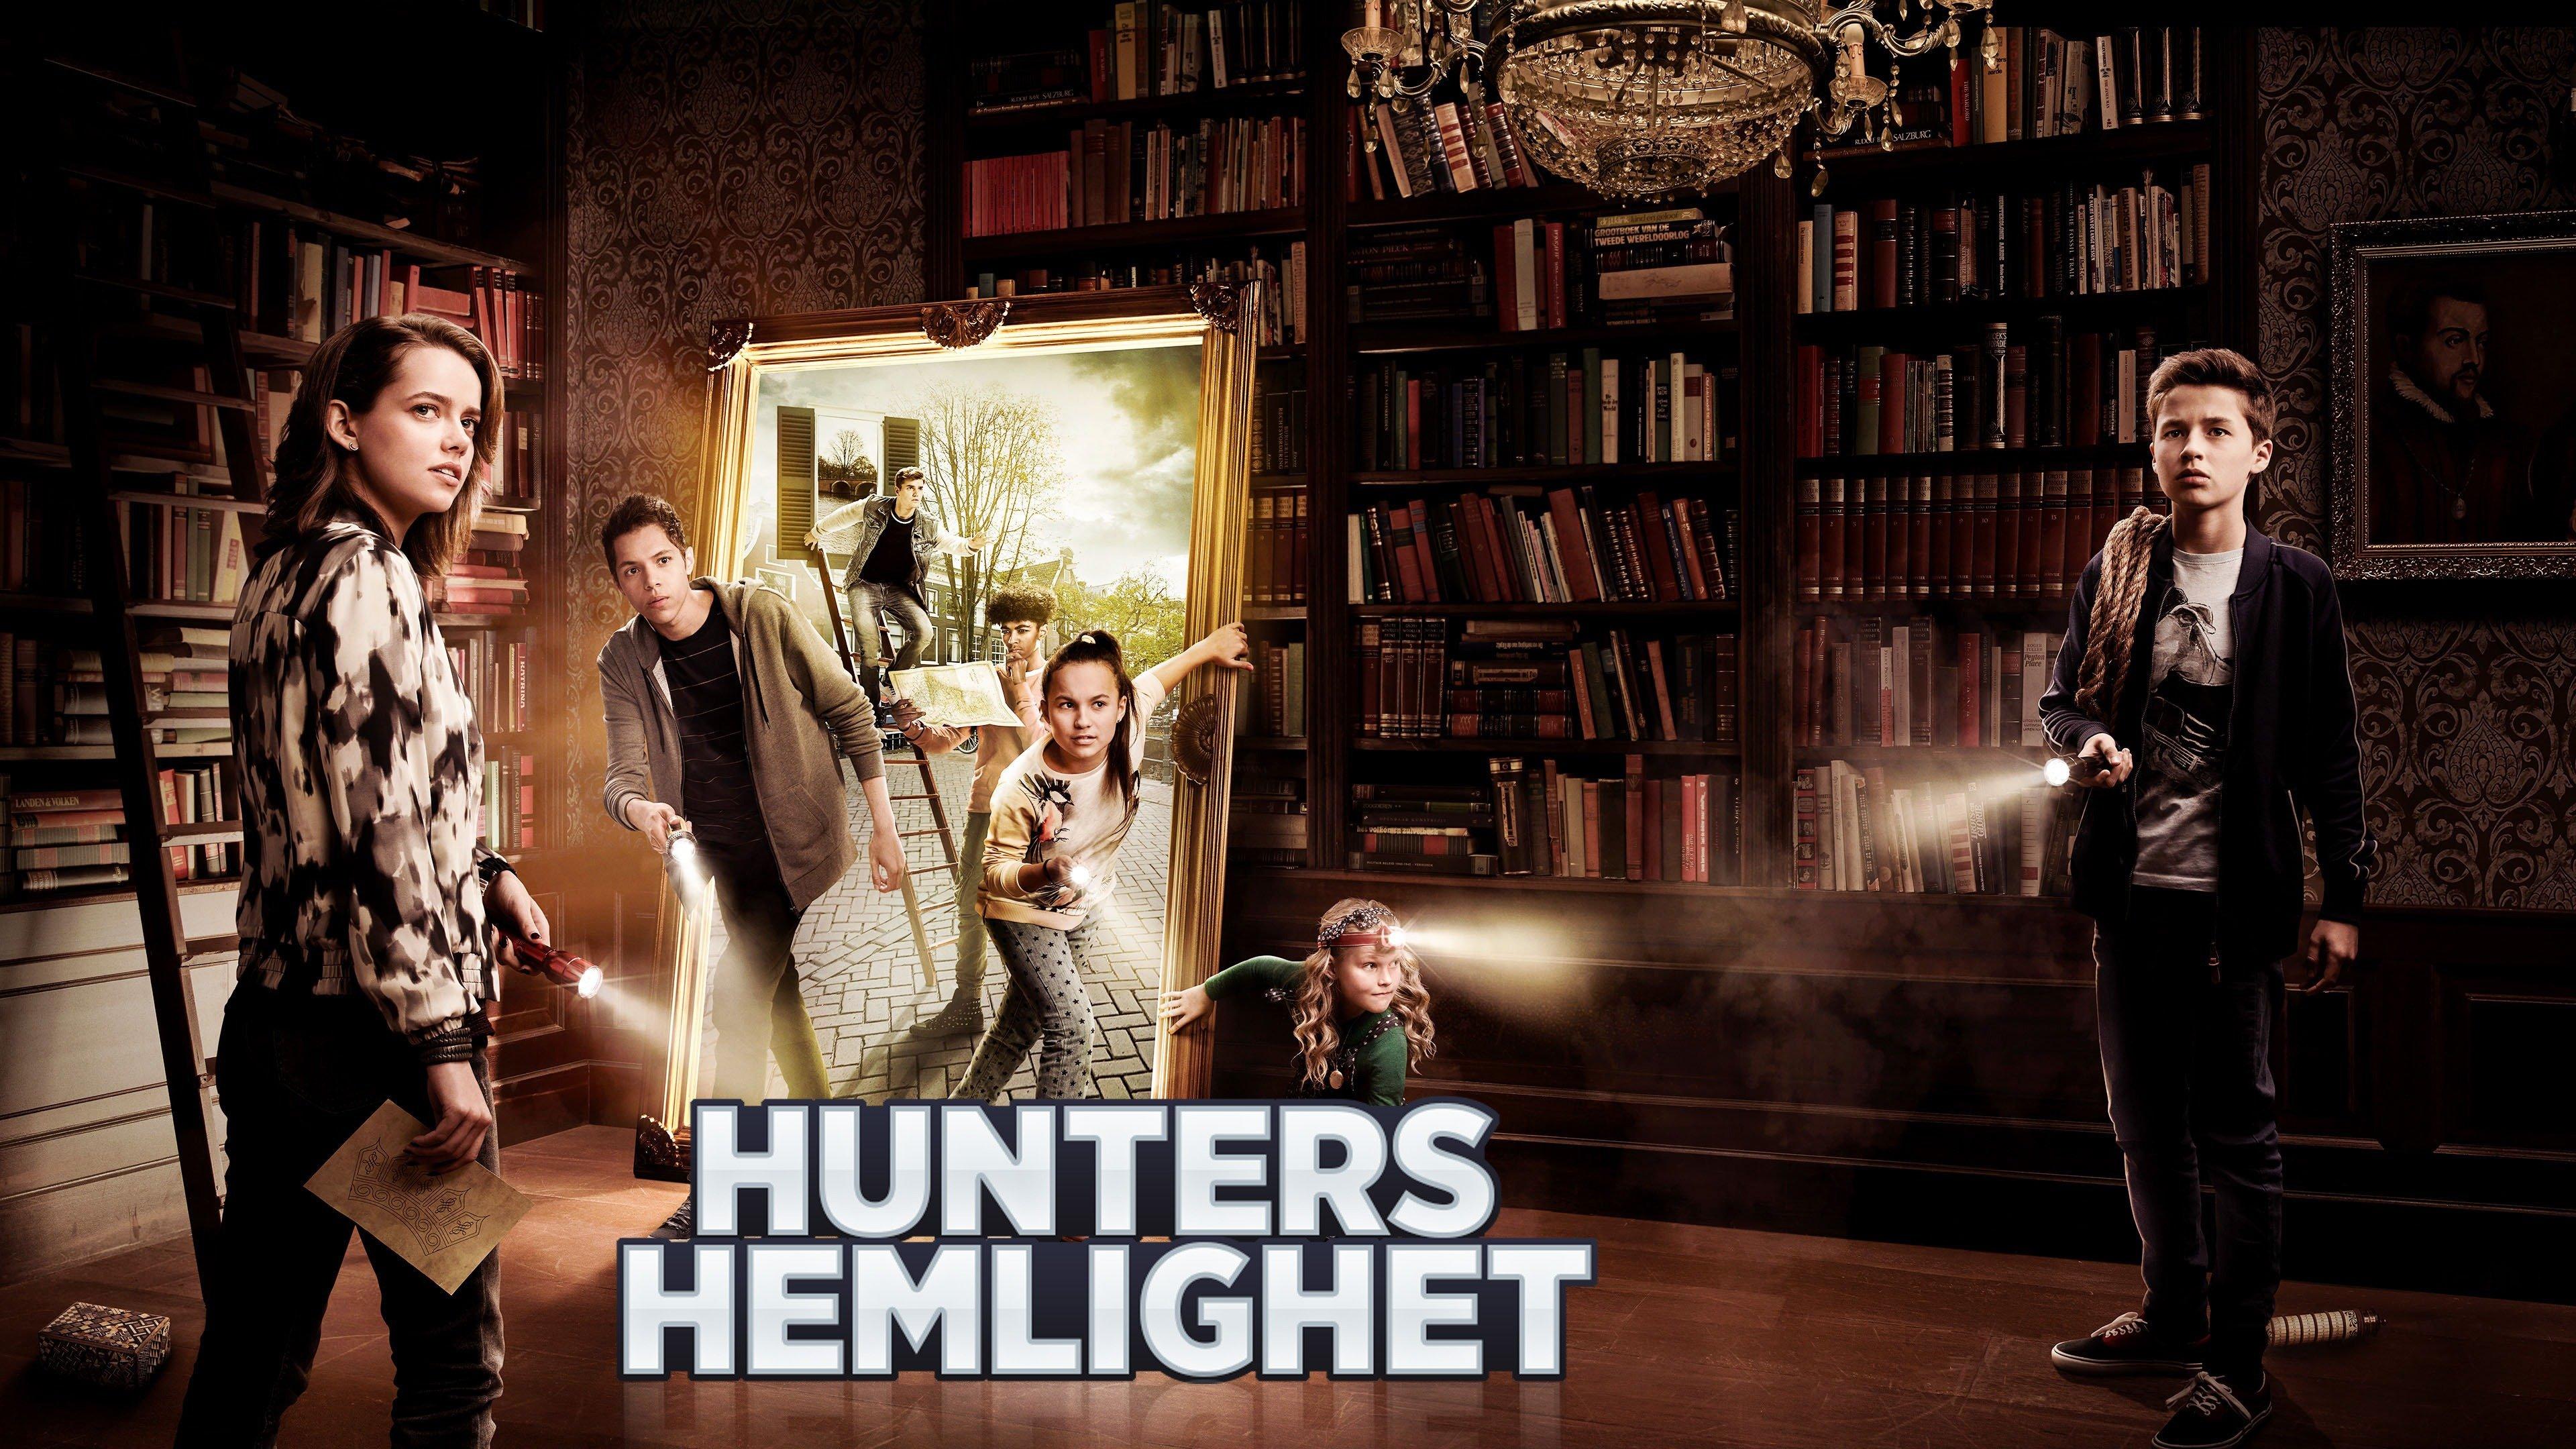 Hunters hemlighet